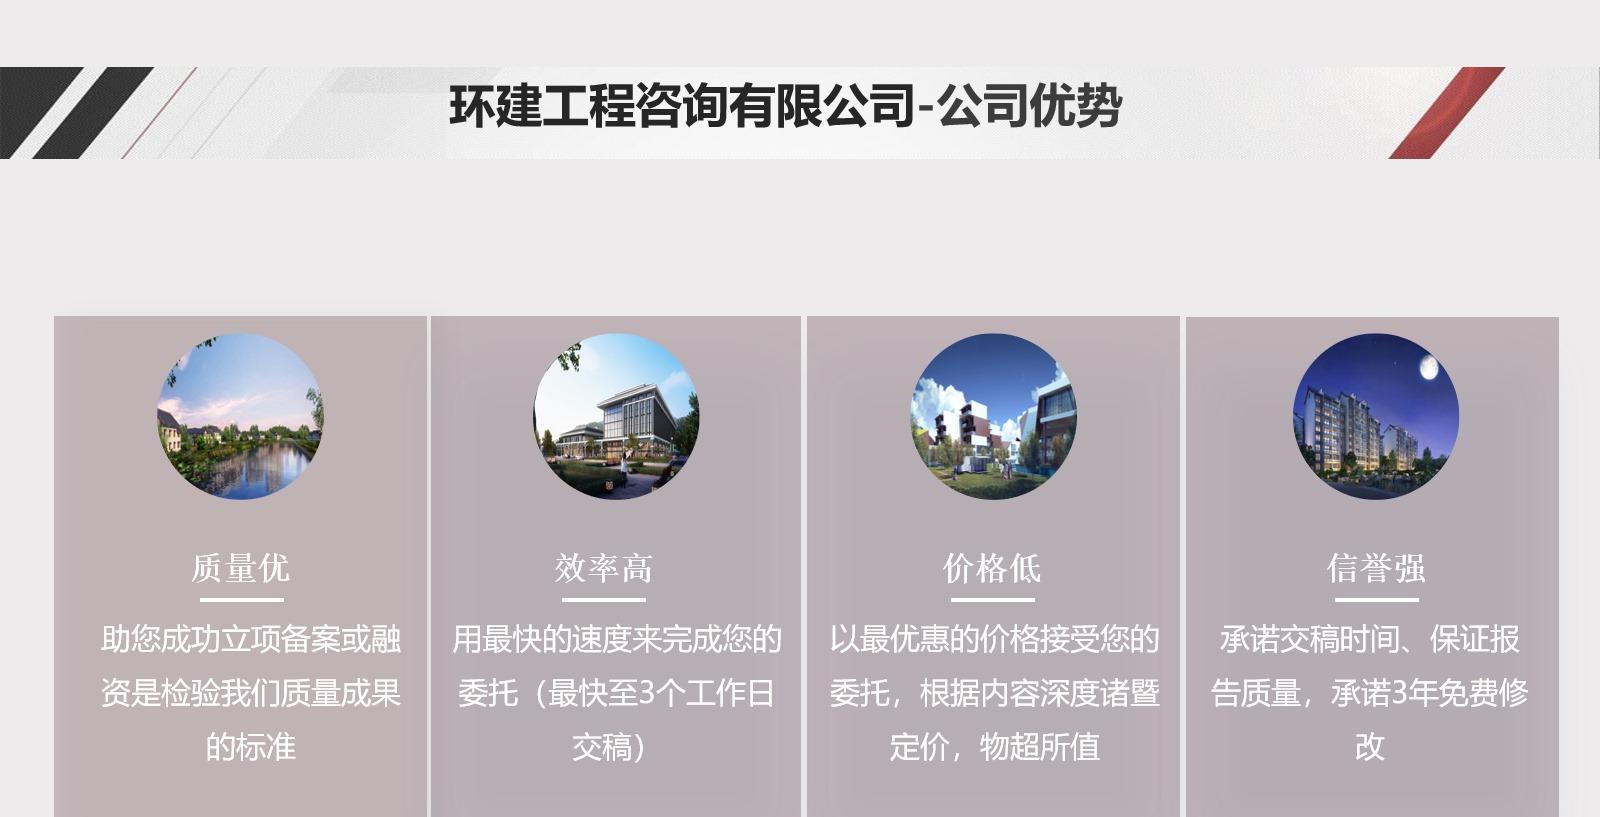 阳泉写可行性研究报告的资质认证公司